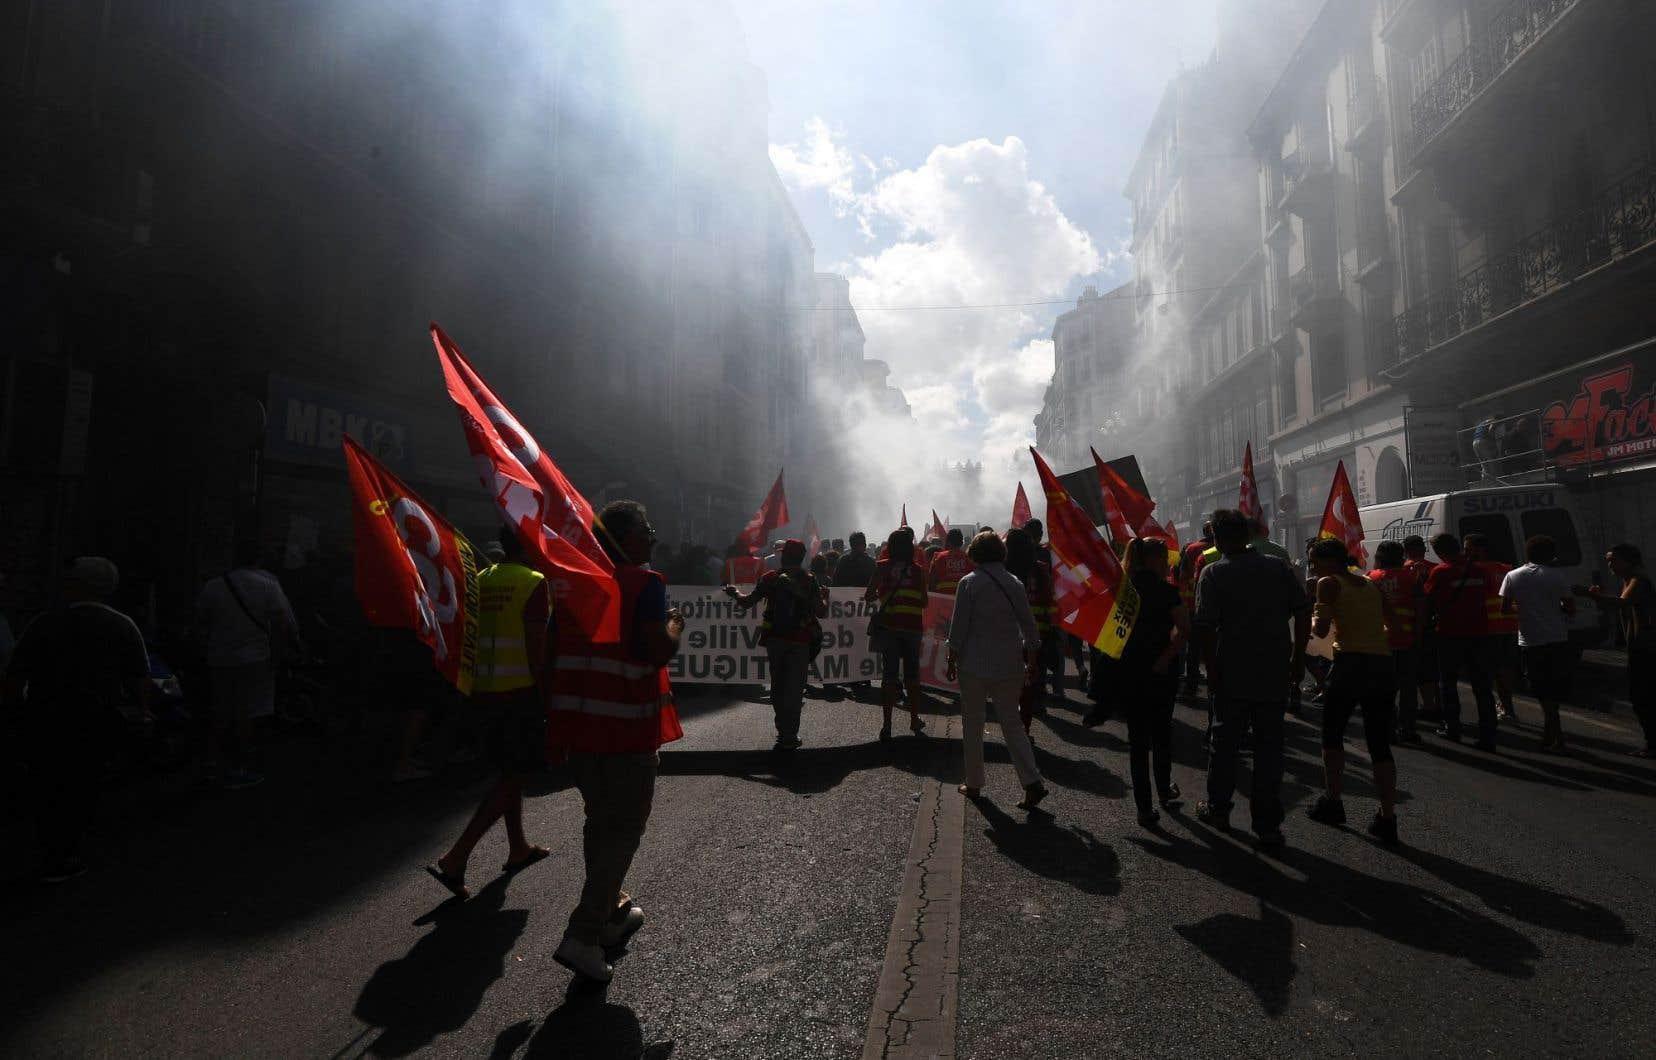 <p>Pour la 14efois, des milliers d'opposants à la<em> «loi travail» </em>ont défilé dans les rues de la capitale et d'une centaine de villes pour demander le <em>«retrait intégral»</em> de cette loi défendue par le gouvernement socialiste contre une partie de son camp.</p>